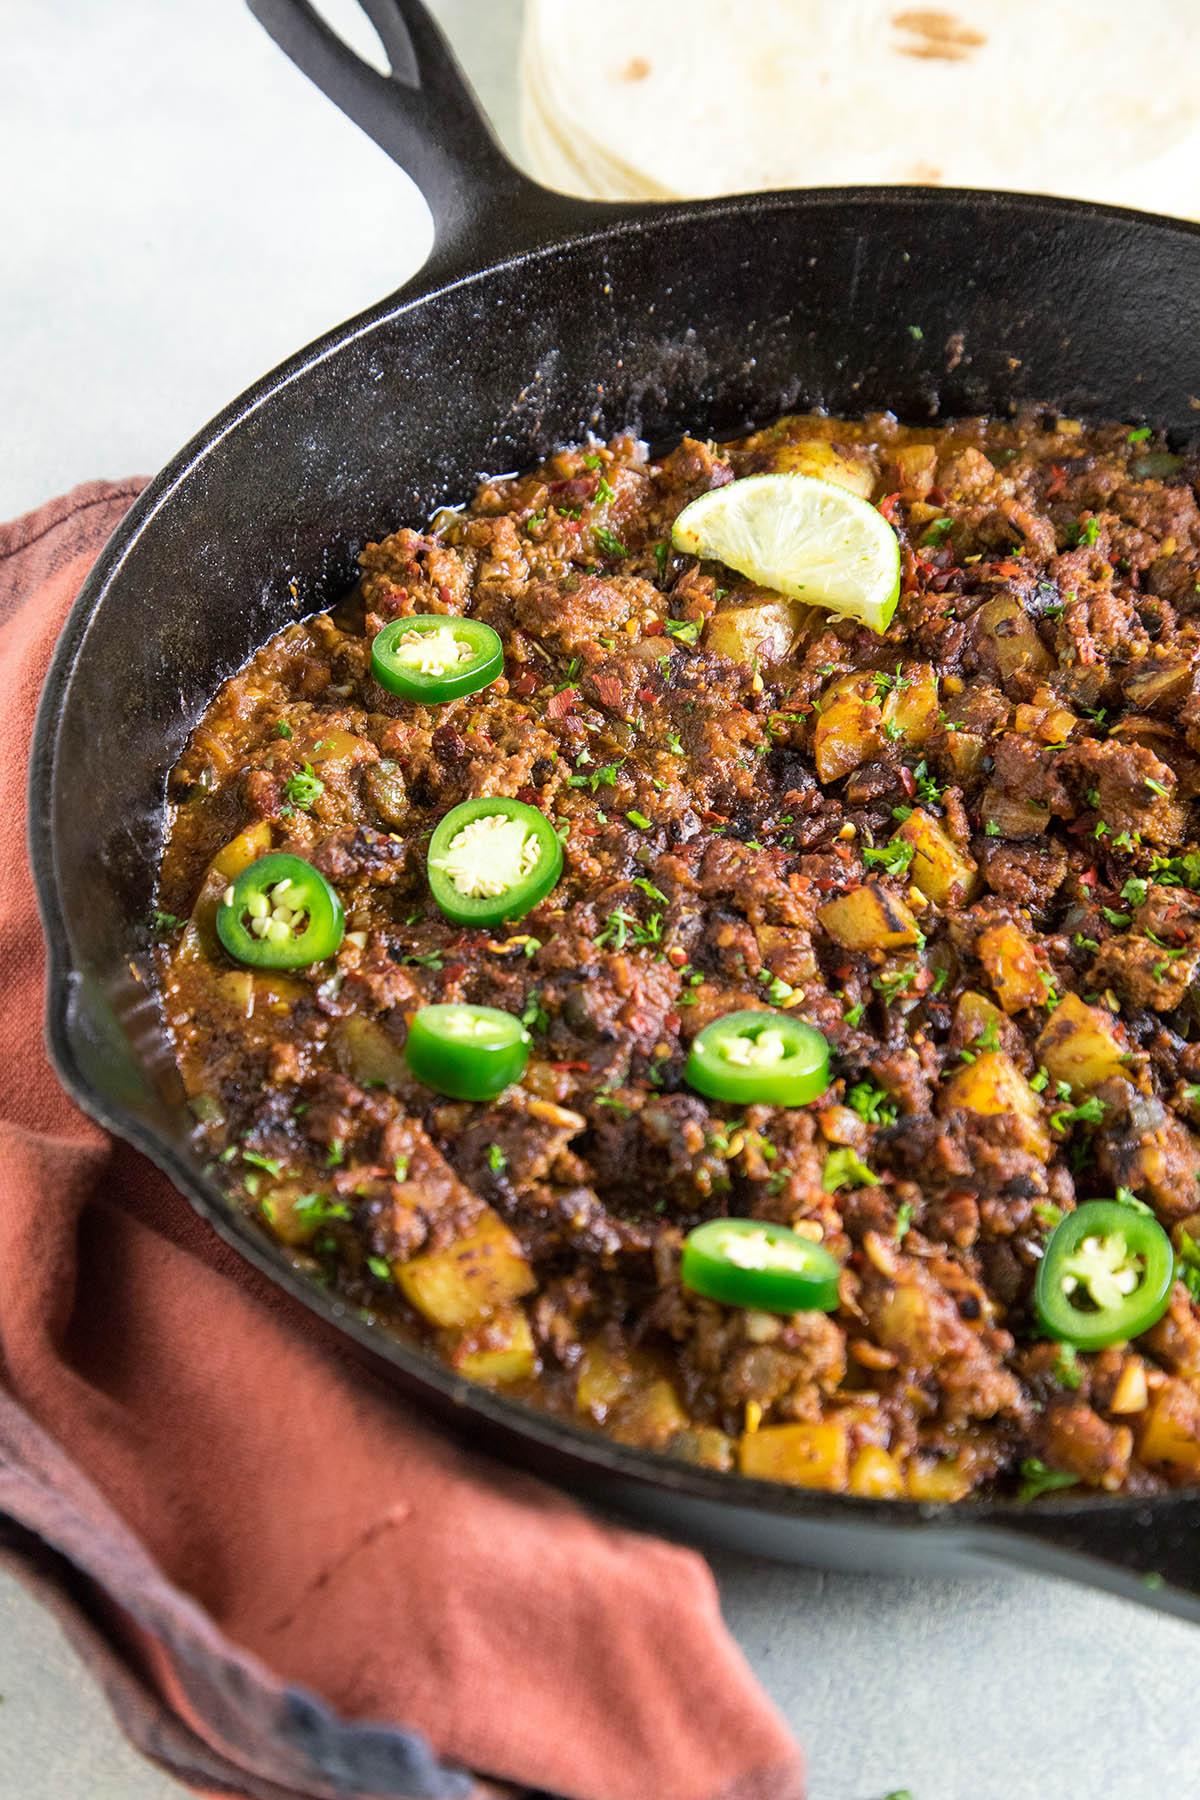 Mexican Picadillo Recipe - One of Favorite Recipes